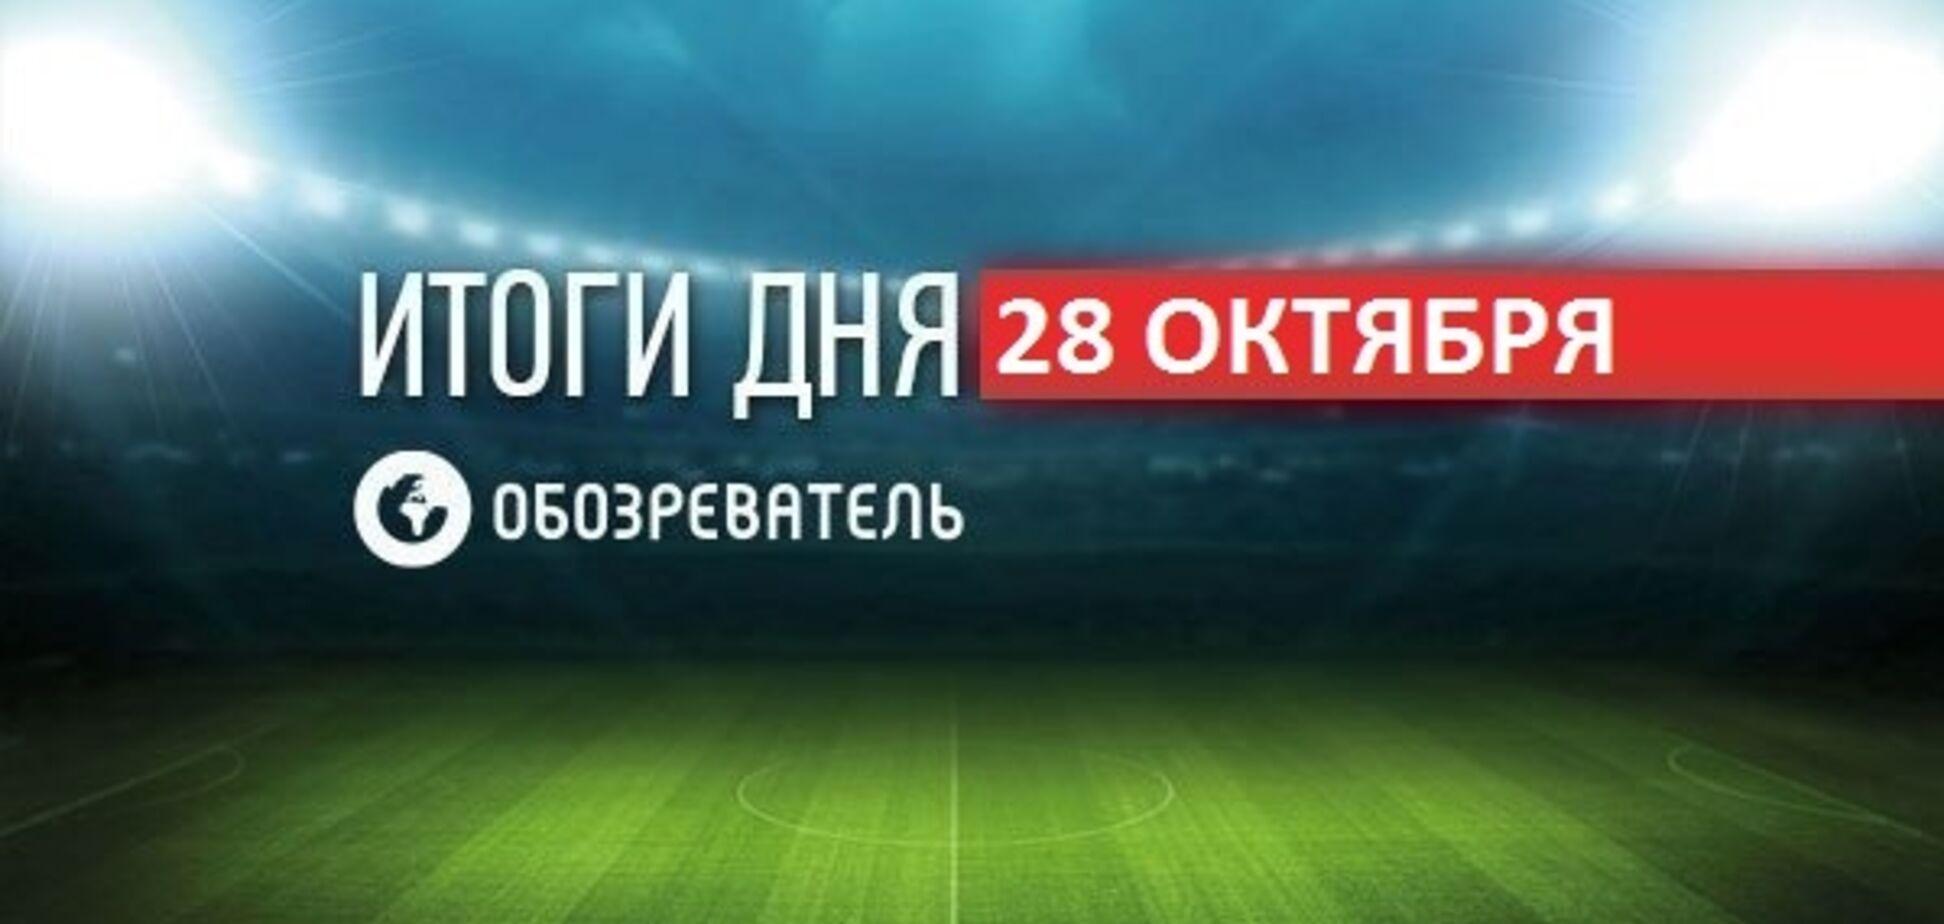 Украинец выиграл 16-й подряд бой нокаутом: спортивные итоги 28 октября